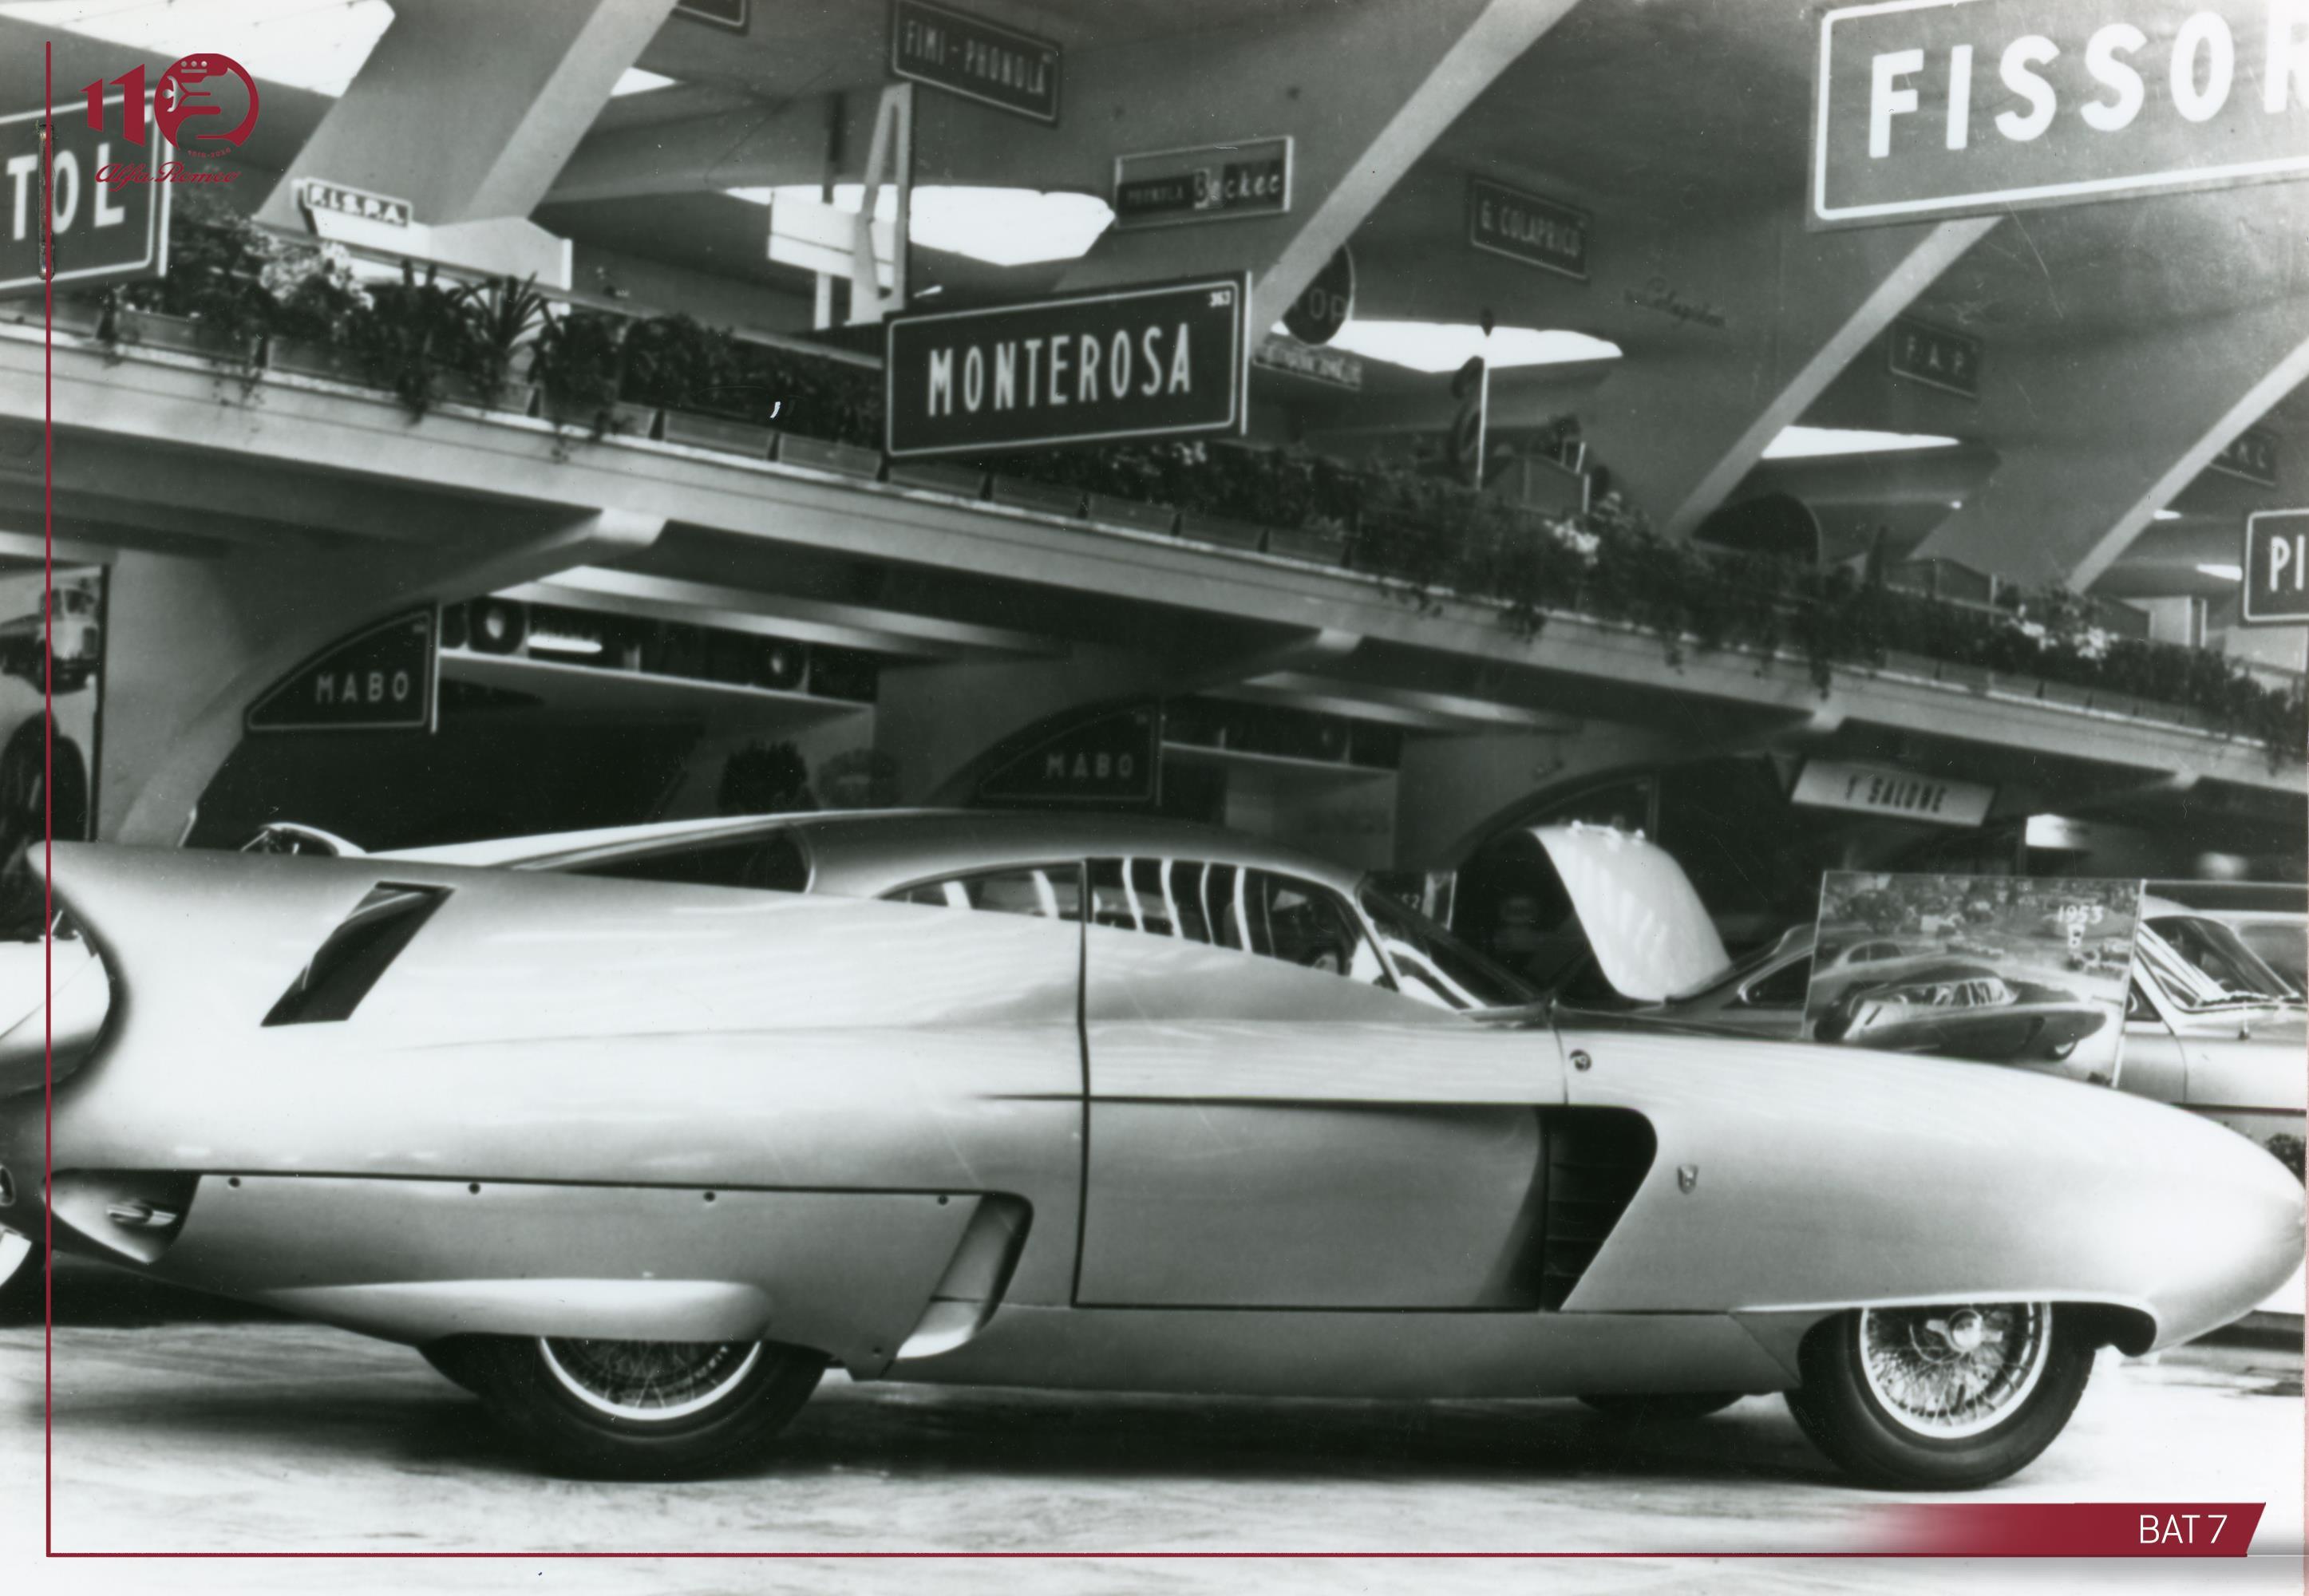 Alfa Romeo BAT-7 concept car